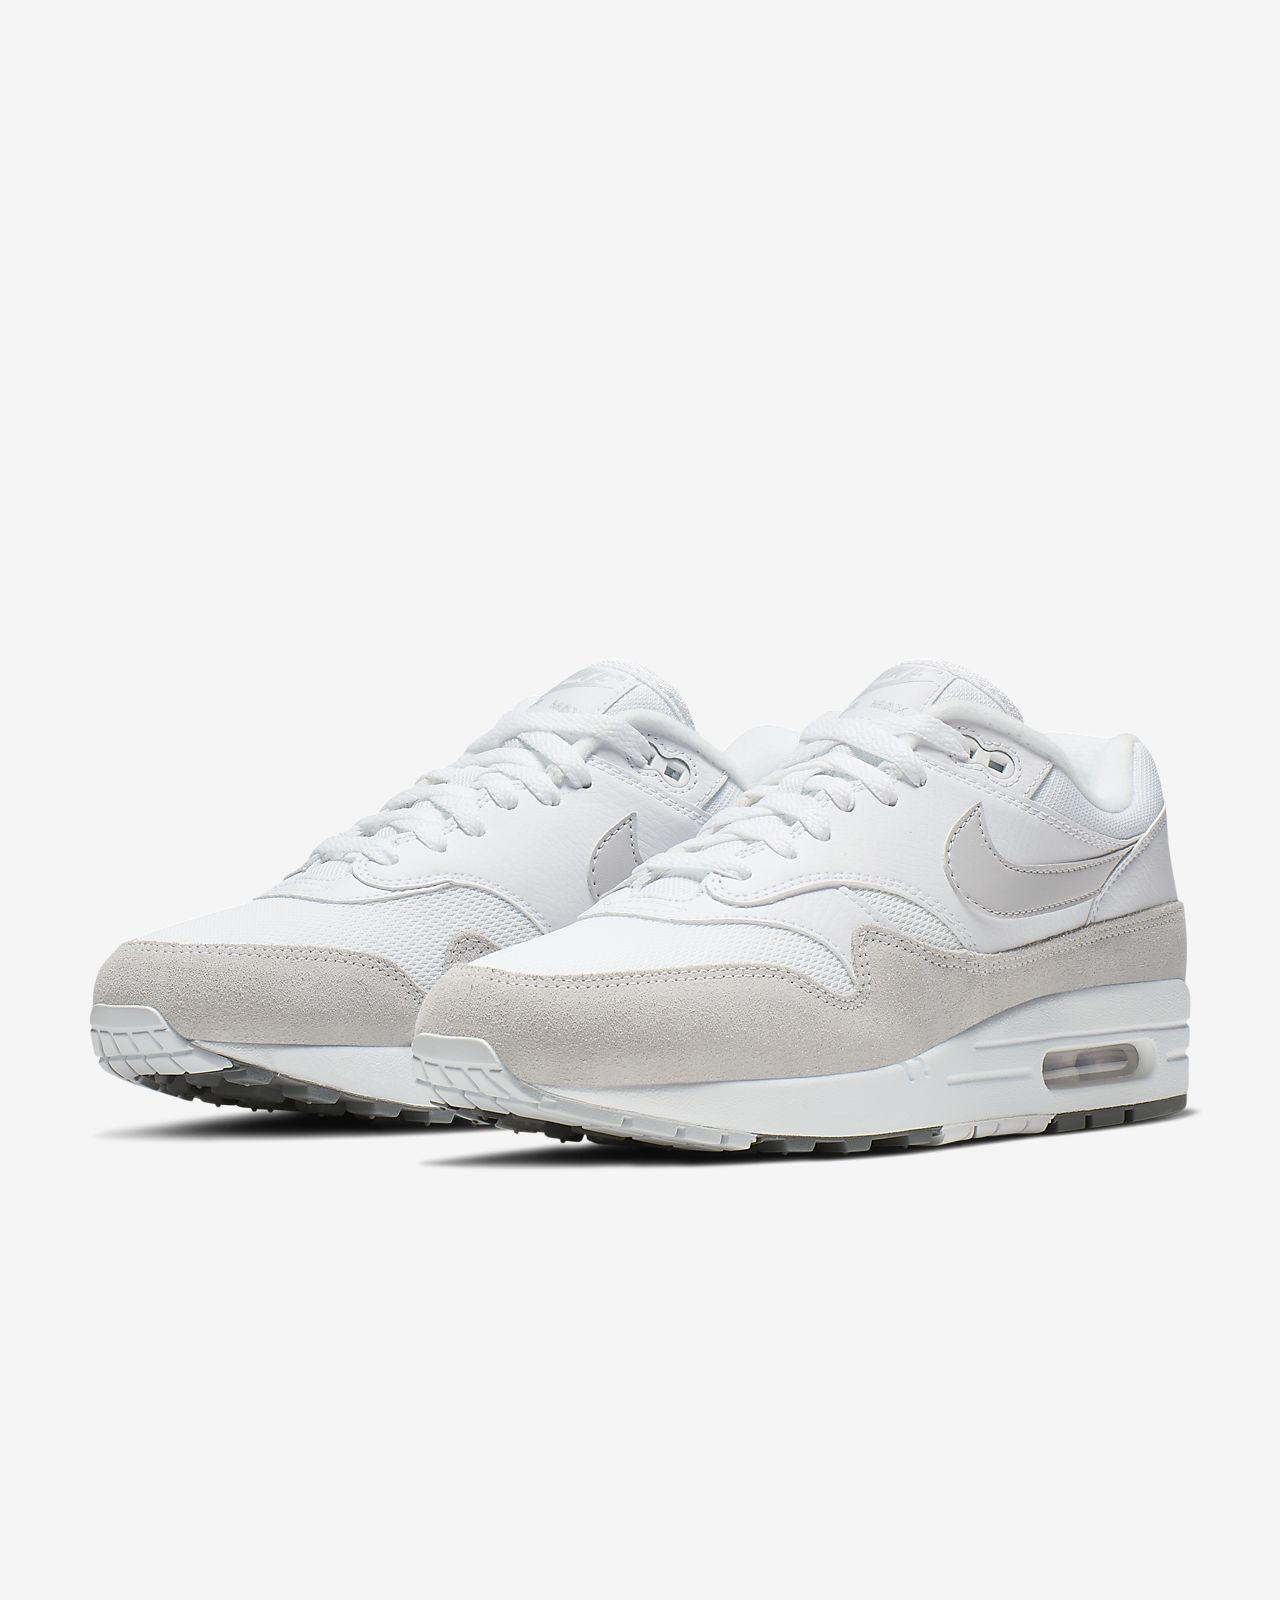 finest selection 5af3c 37bac ... Nike Air Max 1 - sko til mænd